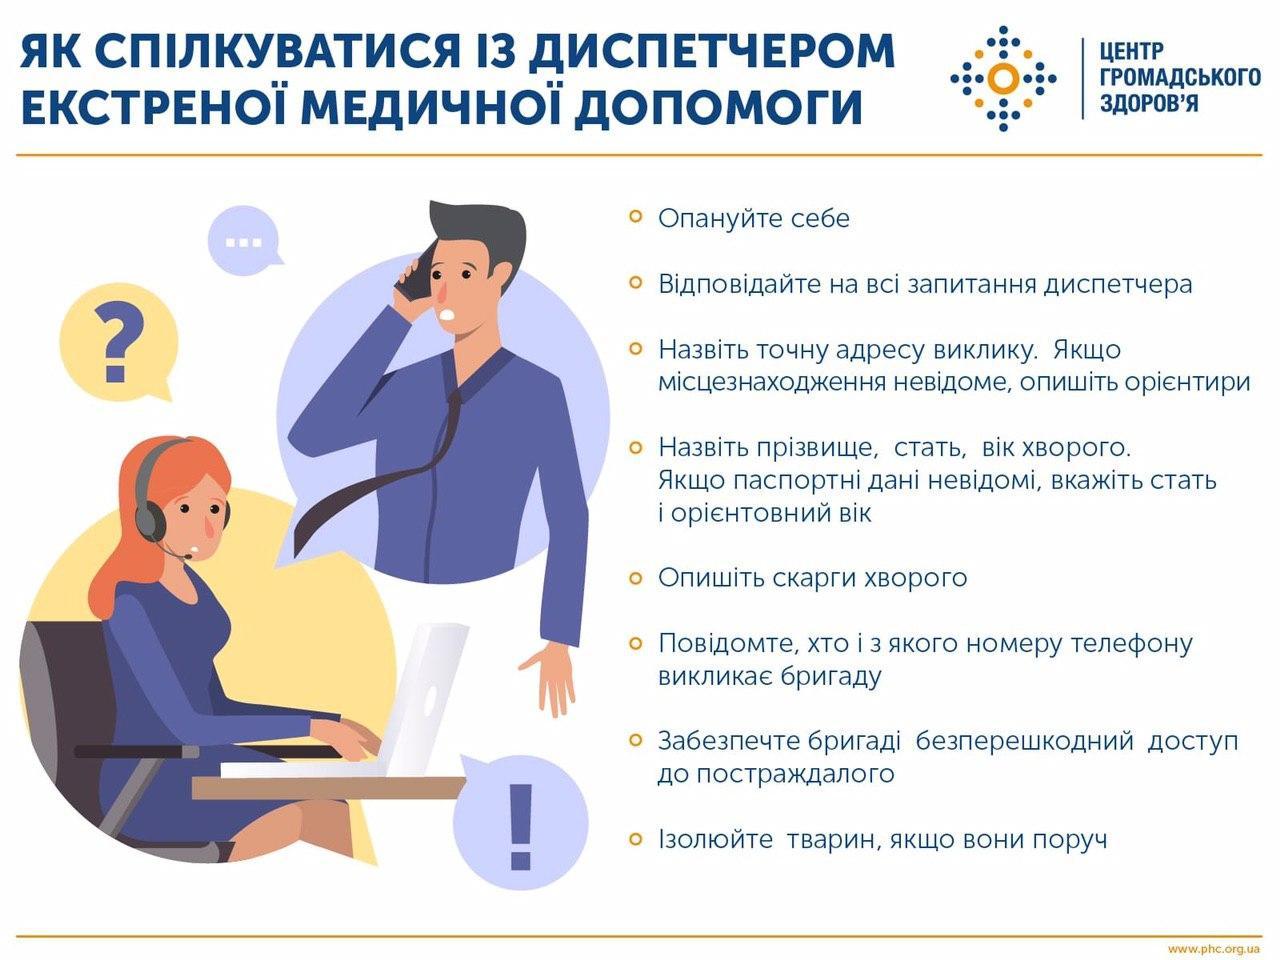 Як викликати швидку допомогу, якщо підозрюєш у себе коронавірус